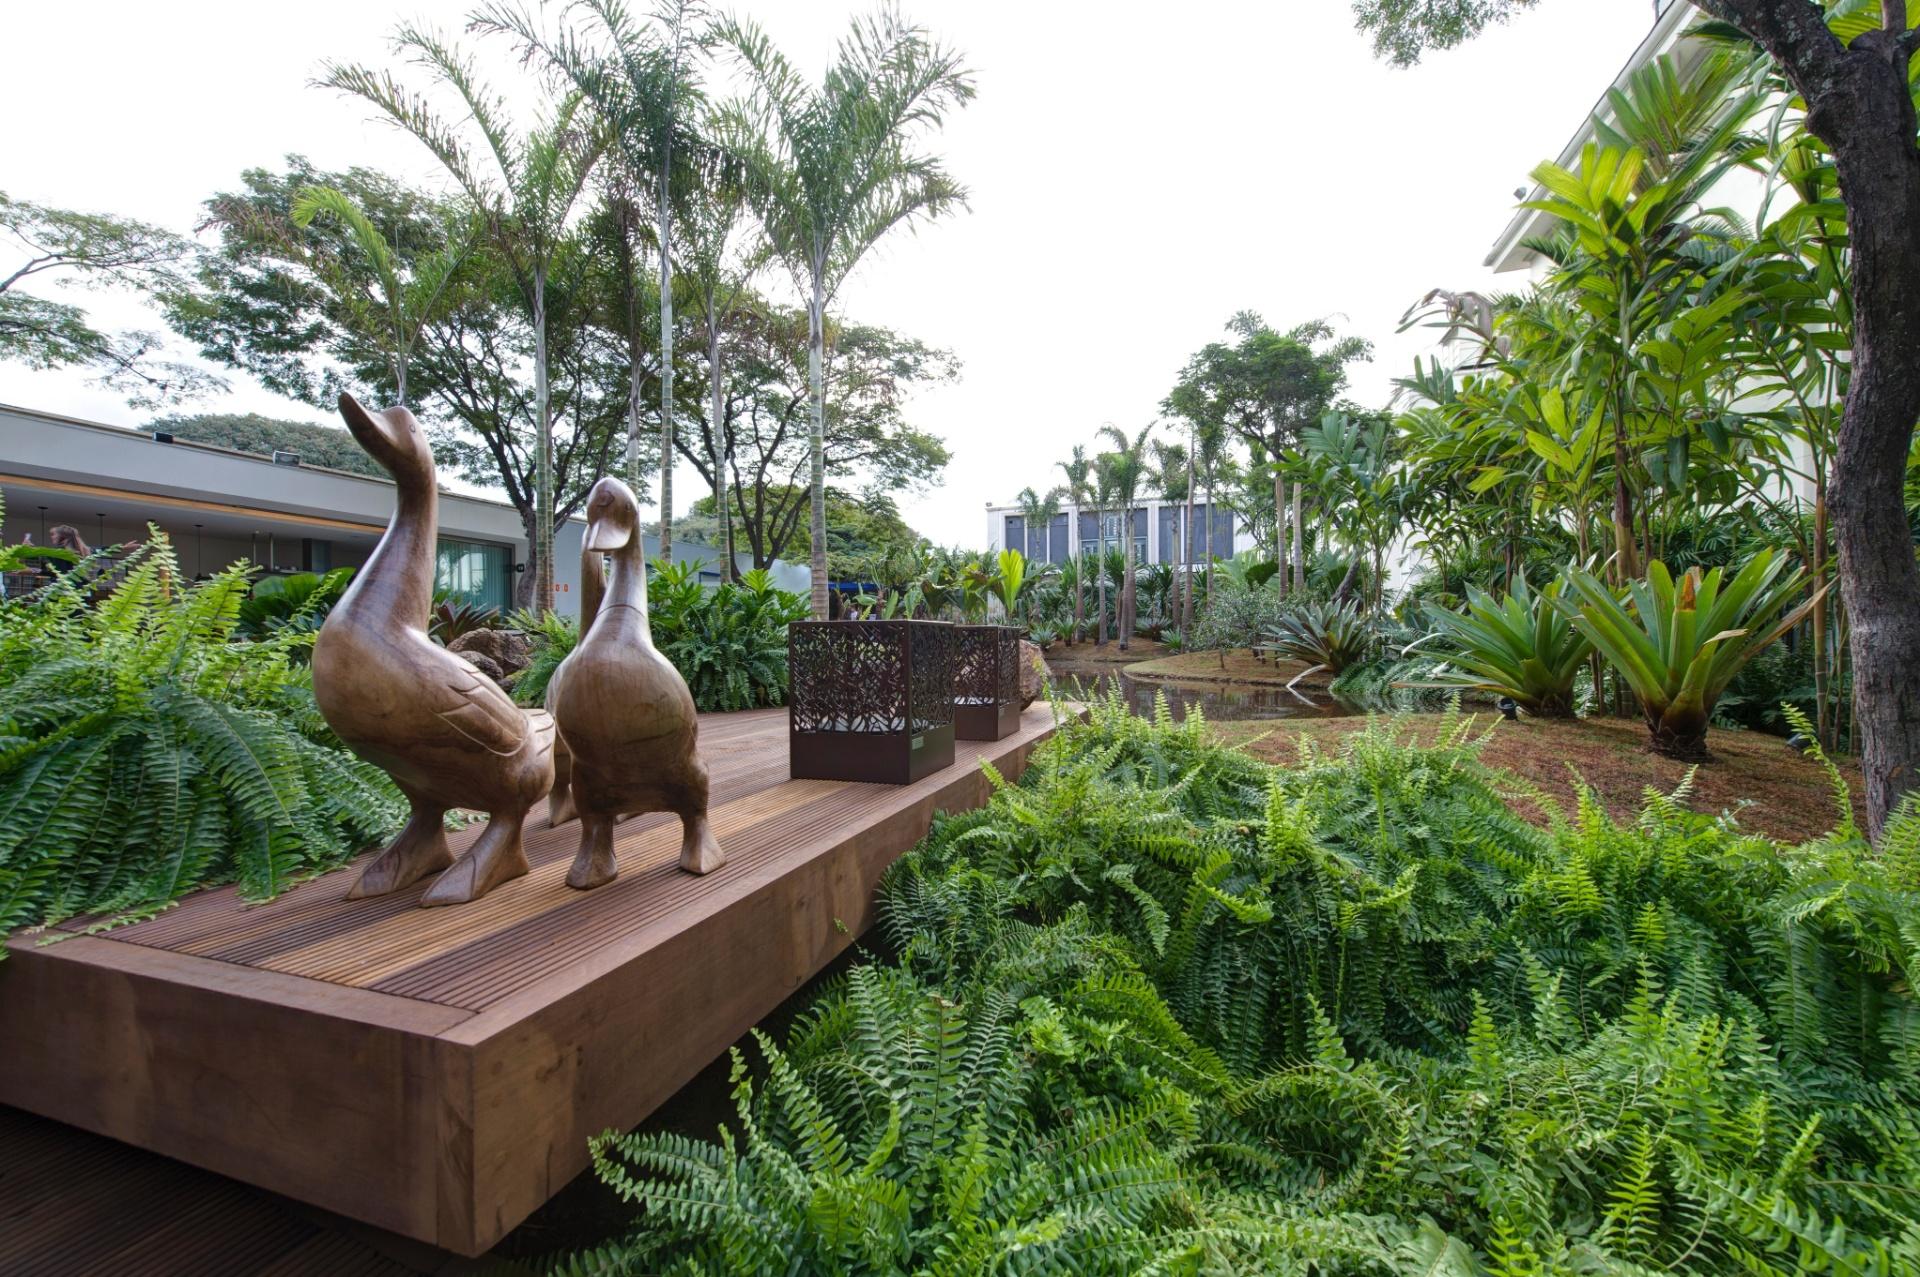 Samambaias e palmeiras adultas marcam o espaço Tributo a Inhotim by Orsini, de 1.200 m², desenhado pelo paisagista Luis Carlos Orsini. A 27ª Casa Cor SP segue até dia 21 de julho de 2013, no Jockey Club de São Paulo